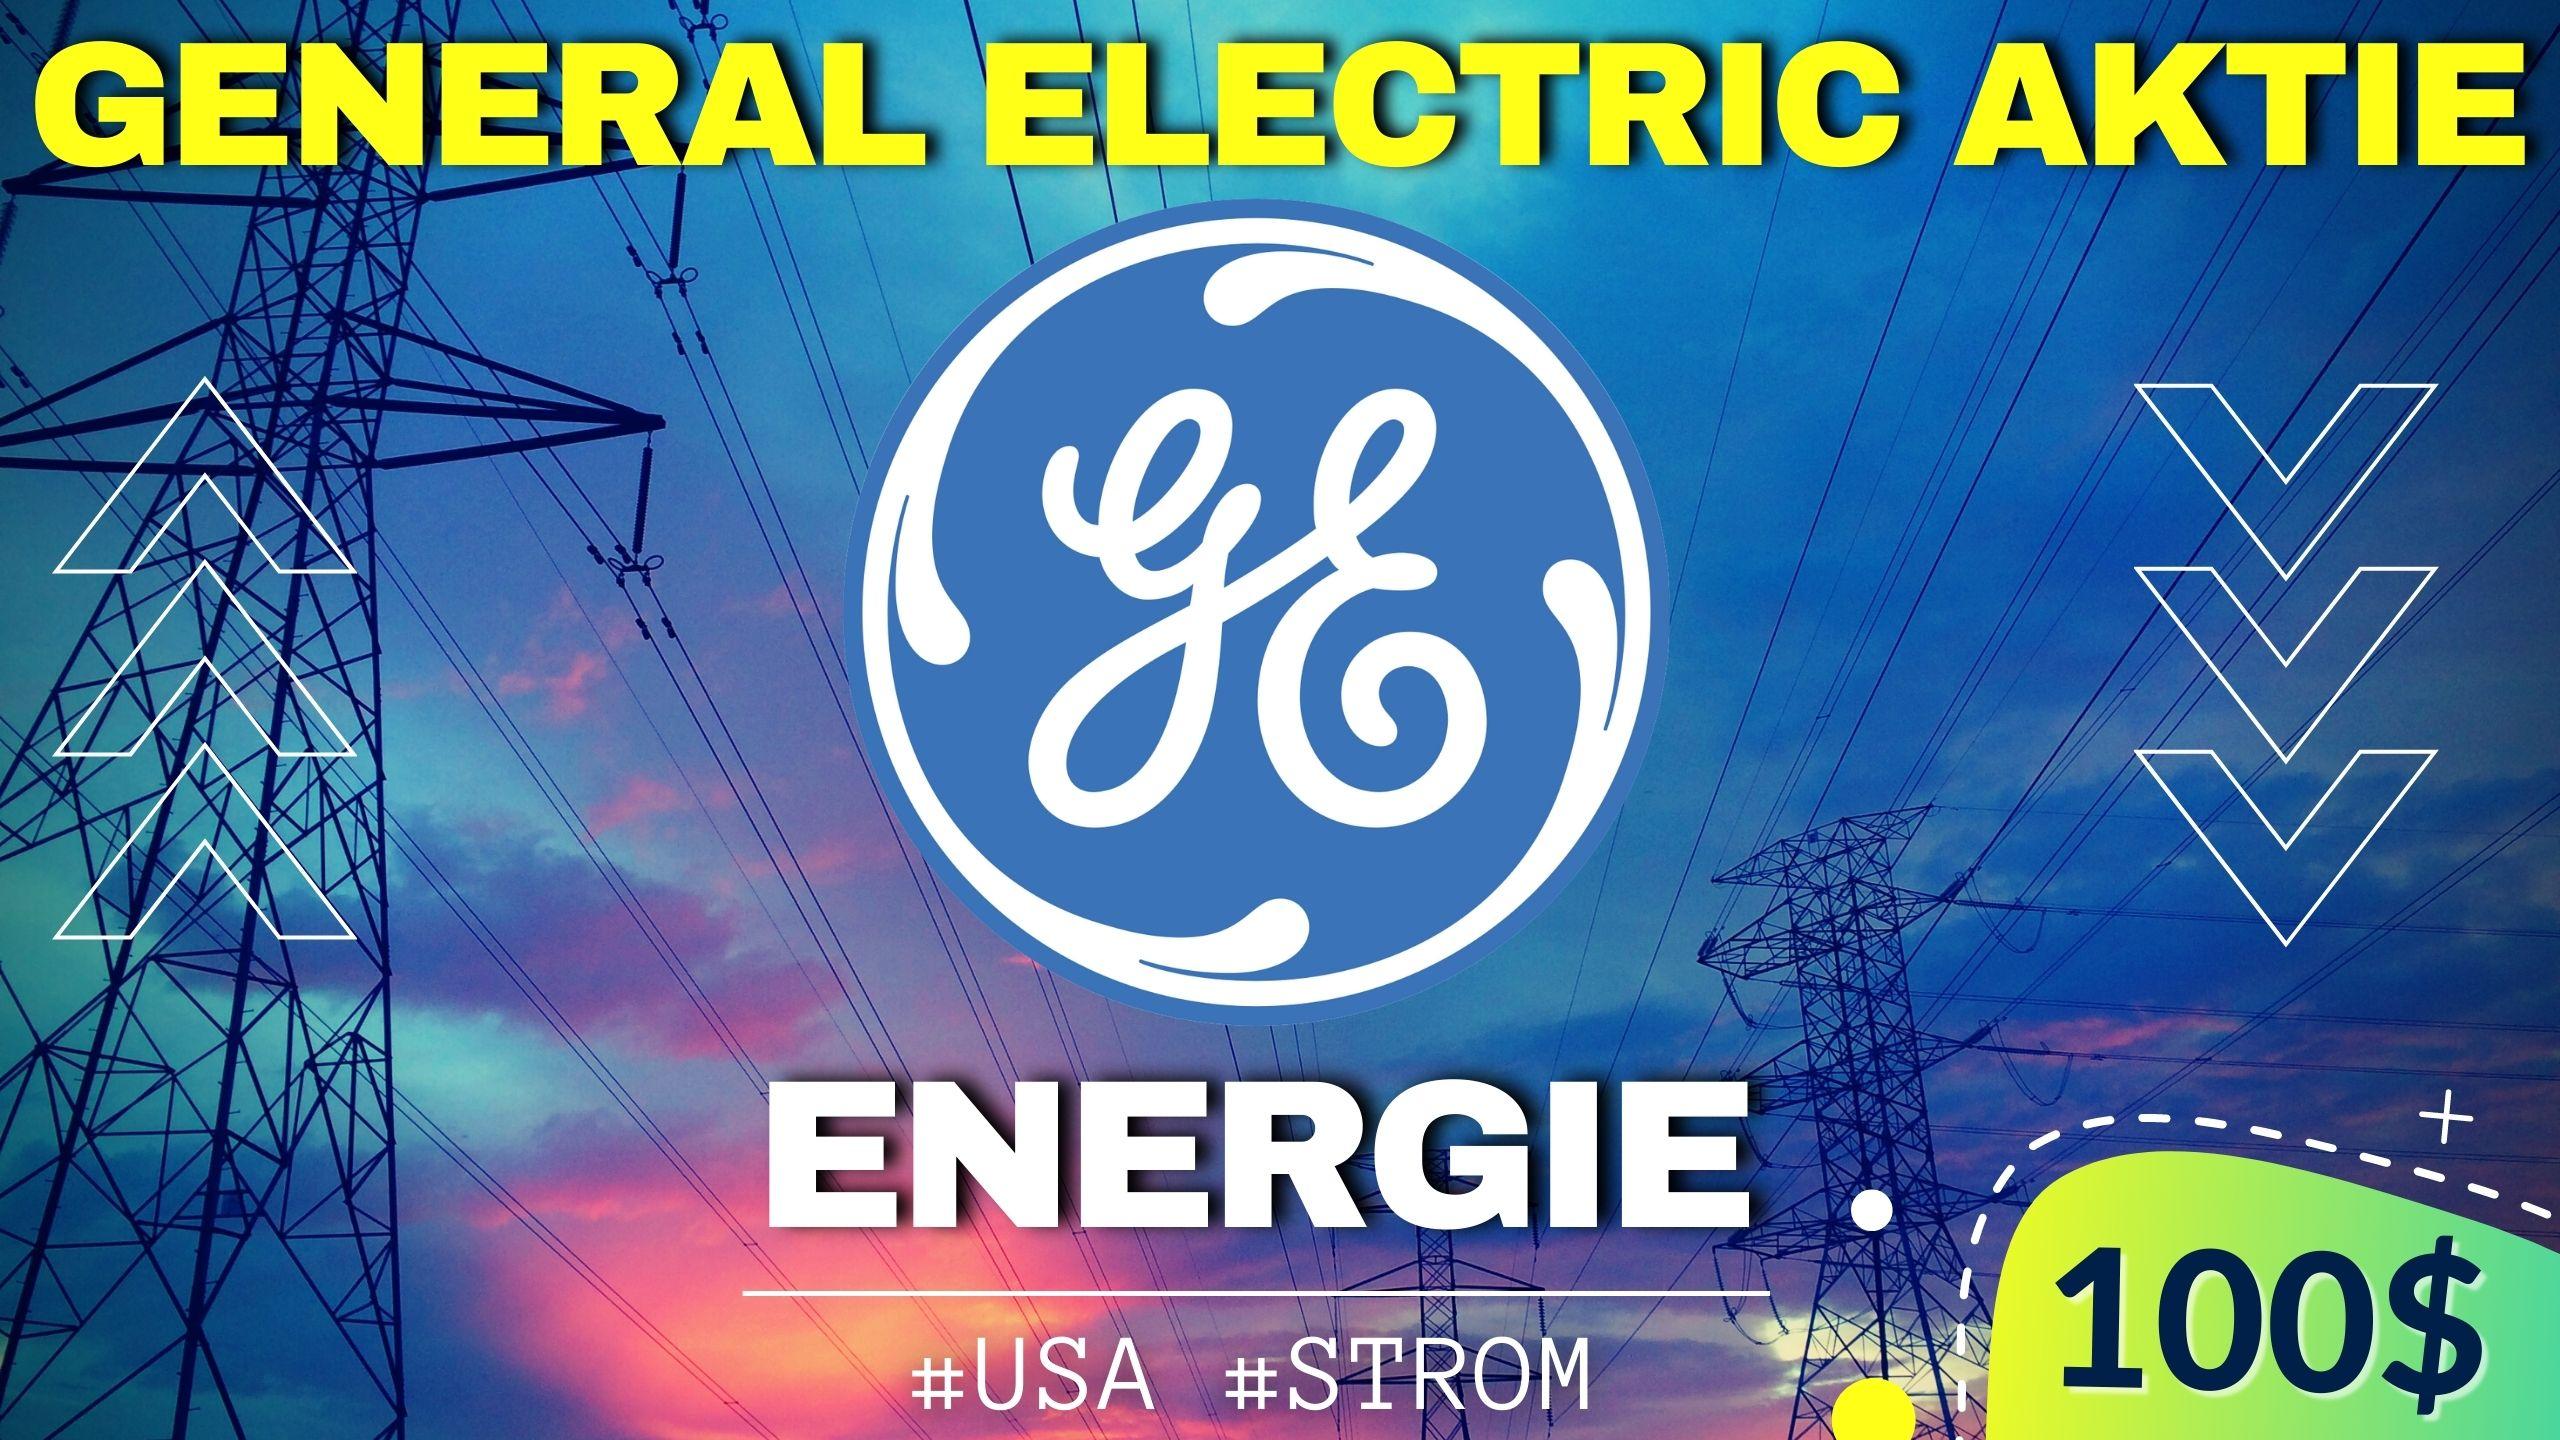 General Electric Aktie kaufen